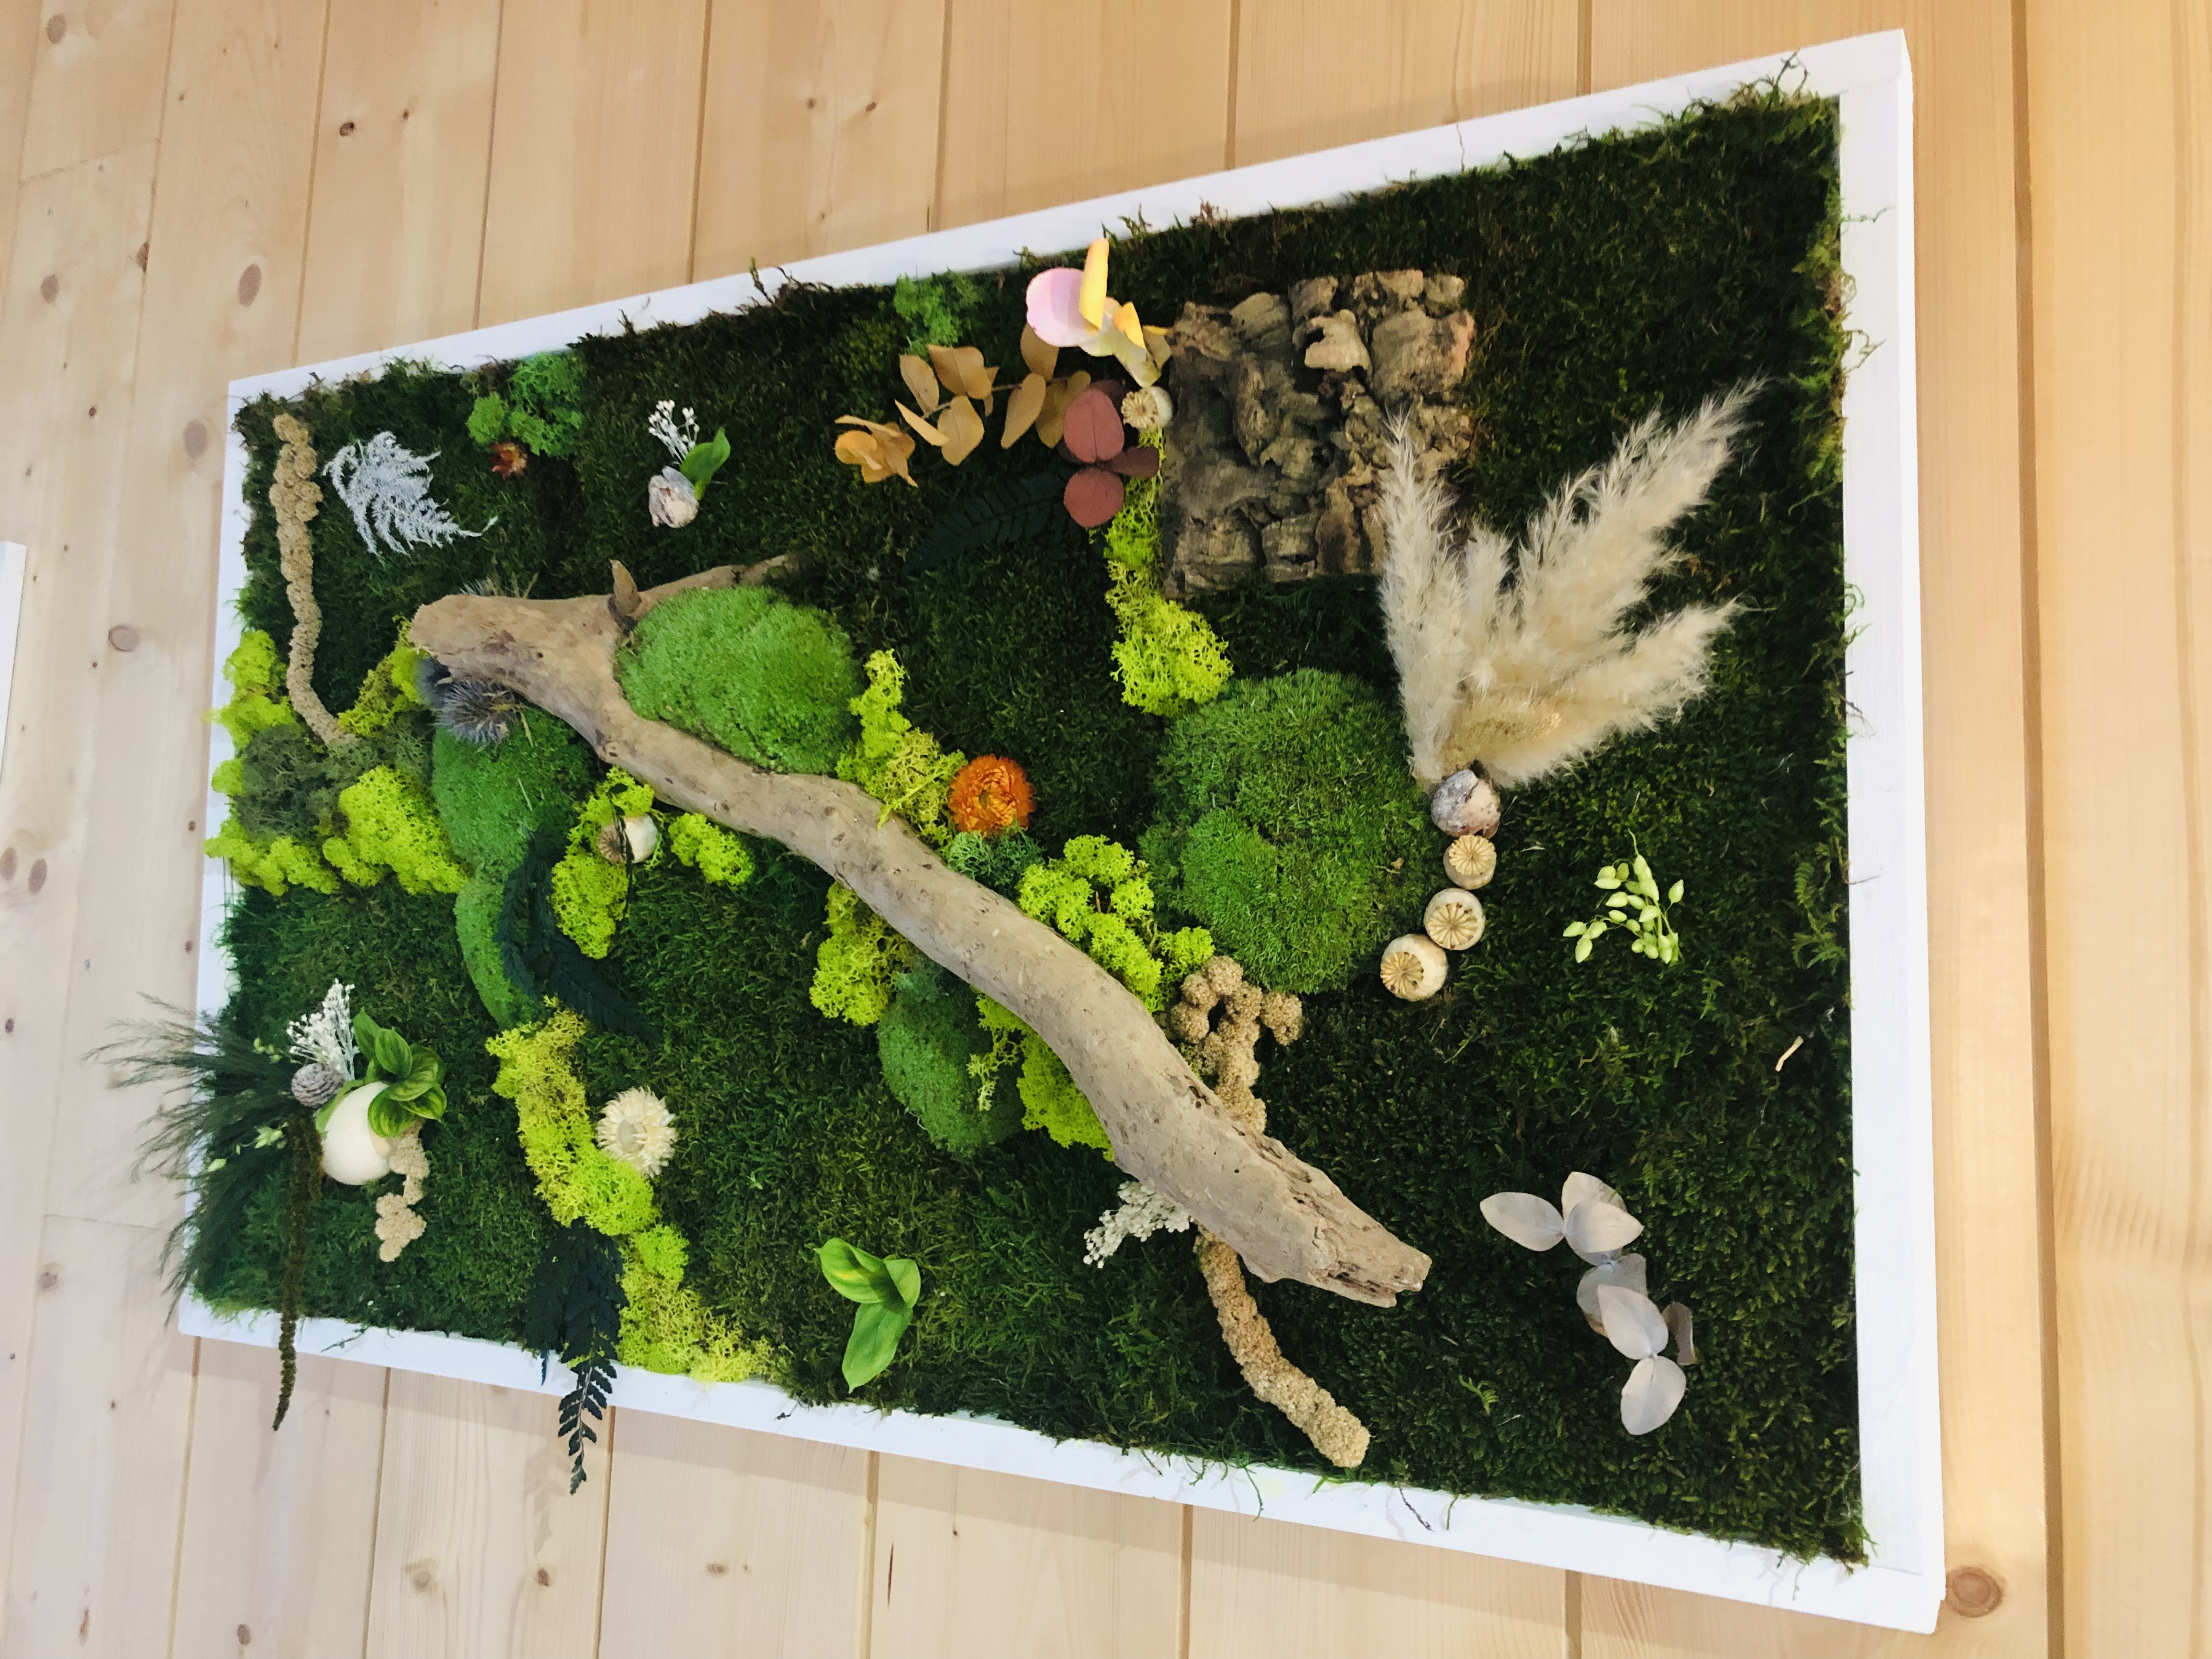 Atelier floral 64,Virginie Sartis, Services aux entreprises, livraison de fleurs, cadre végétal